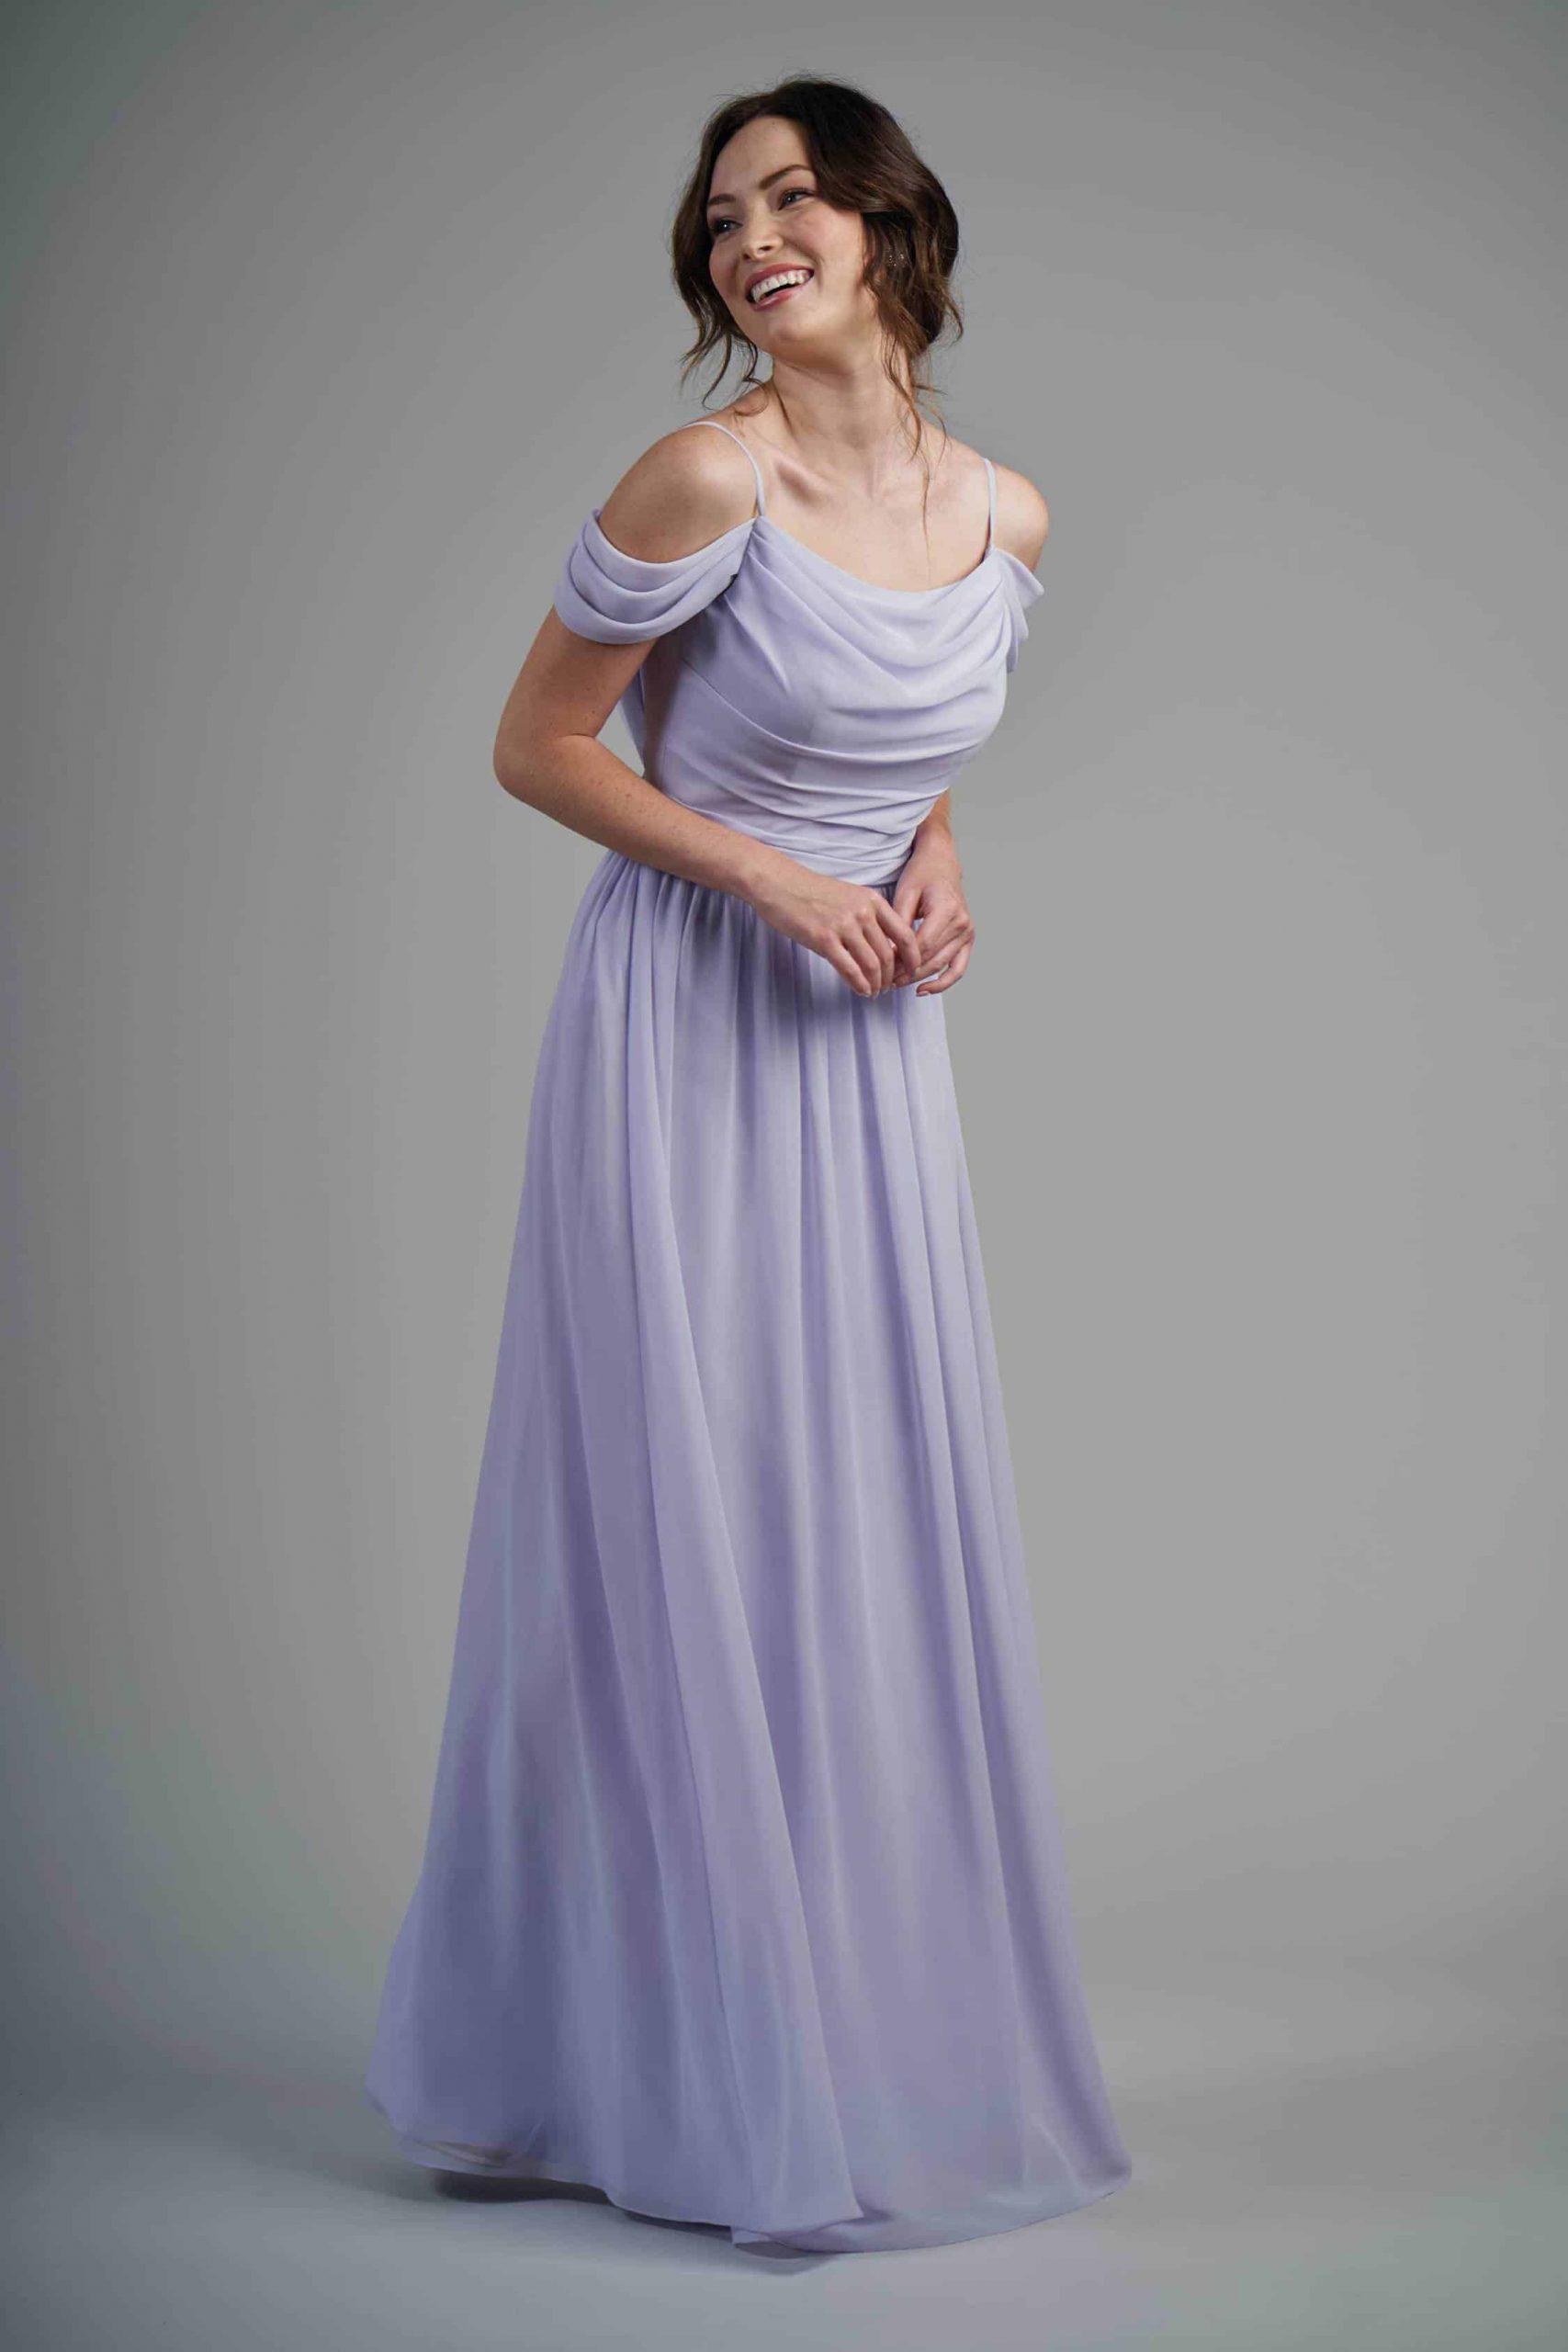 15 Wunderbar Abendkleider F SpezialgebietDesigner Coolste Abendkleider F Vertrieb